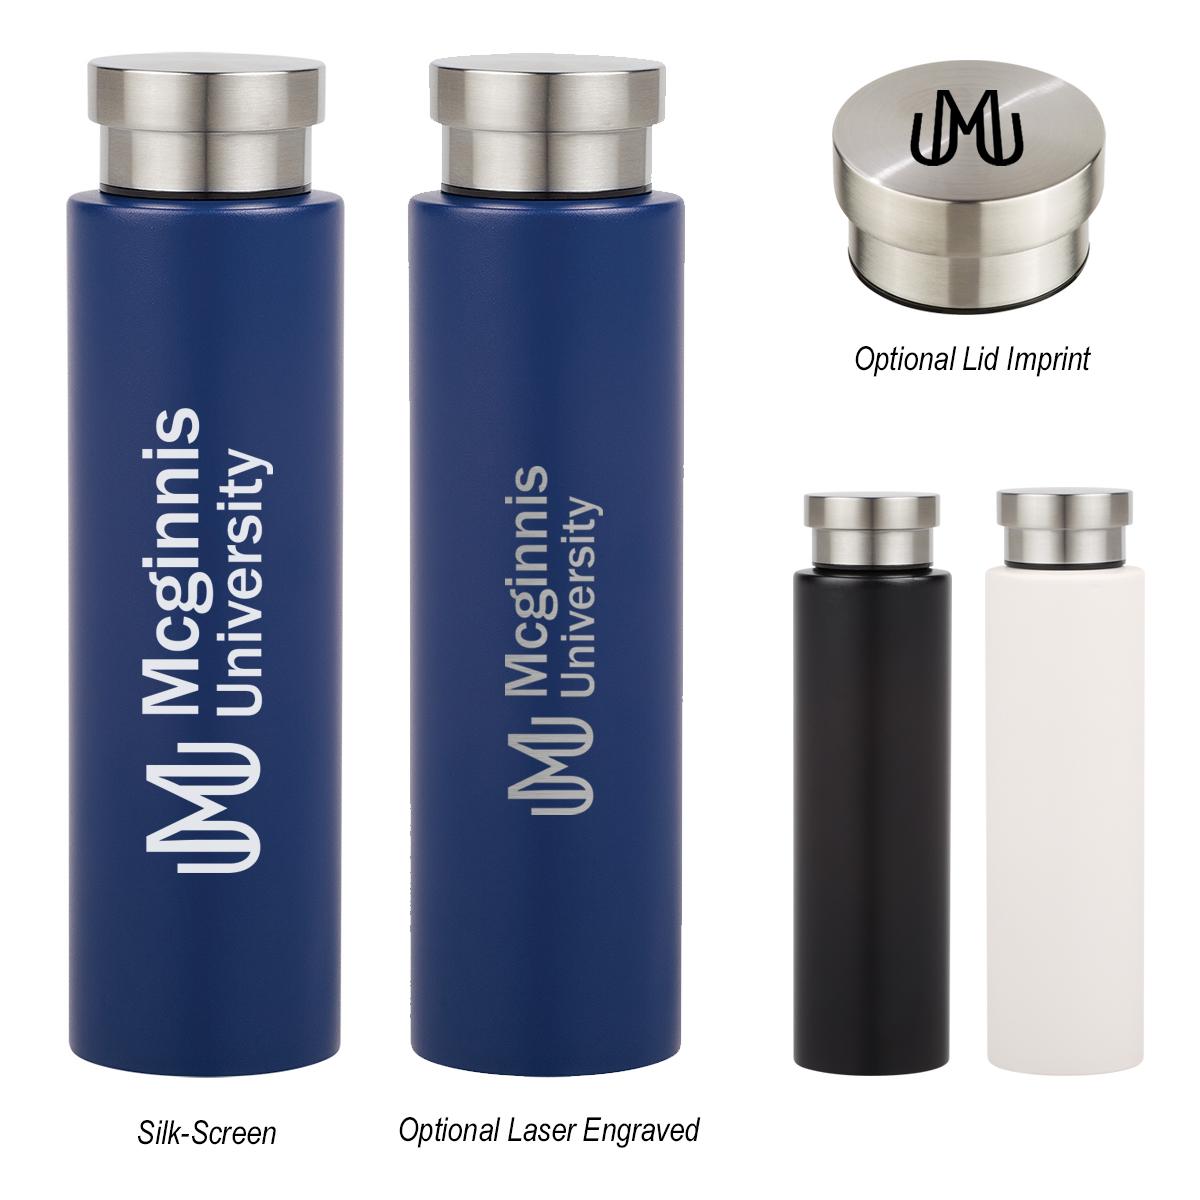 765268943-816 - 24 Oz. V2 Stainless Steel Bottle - thumbnail